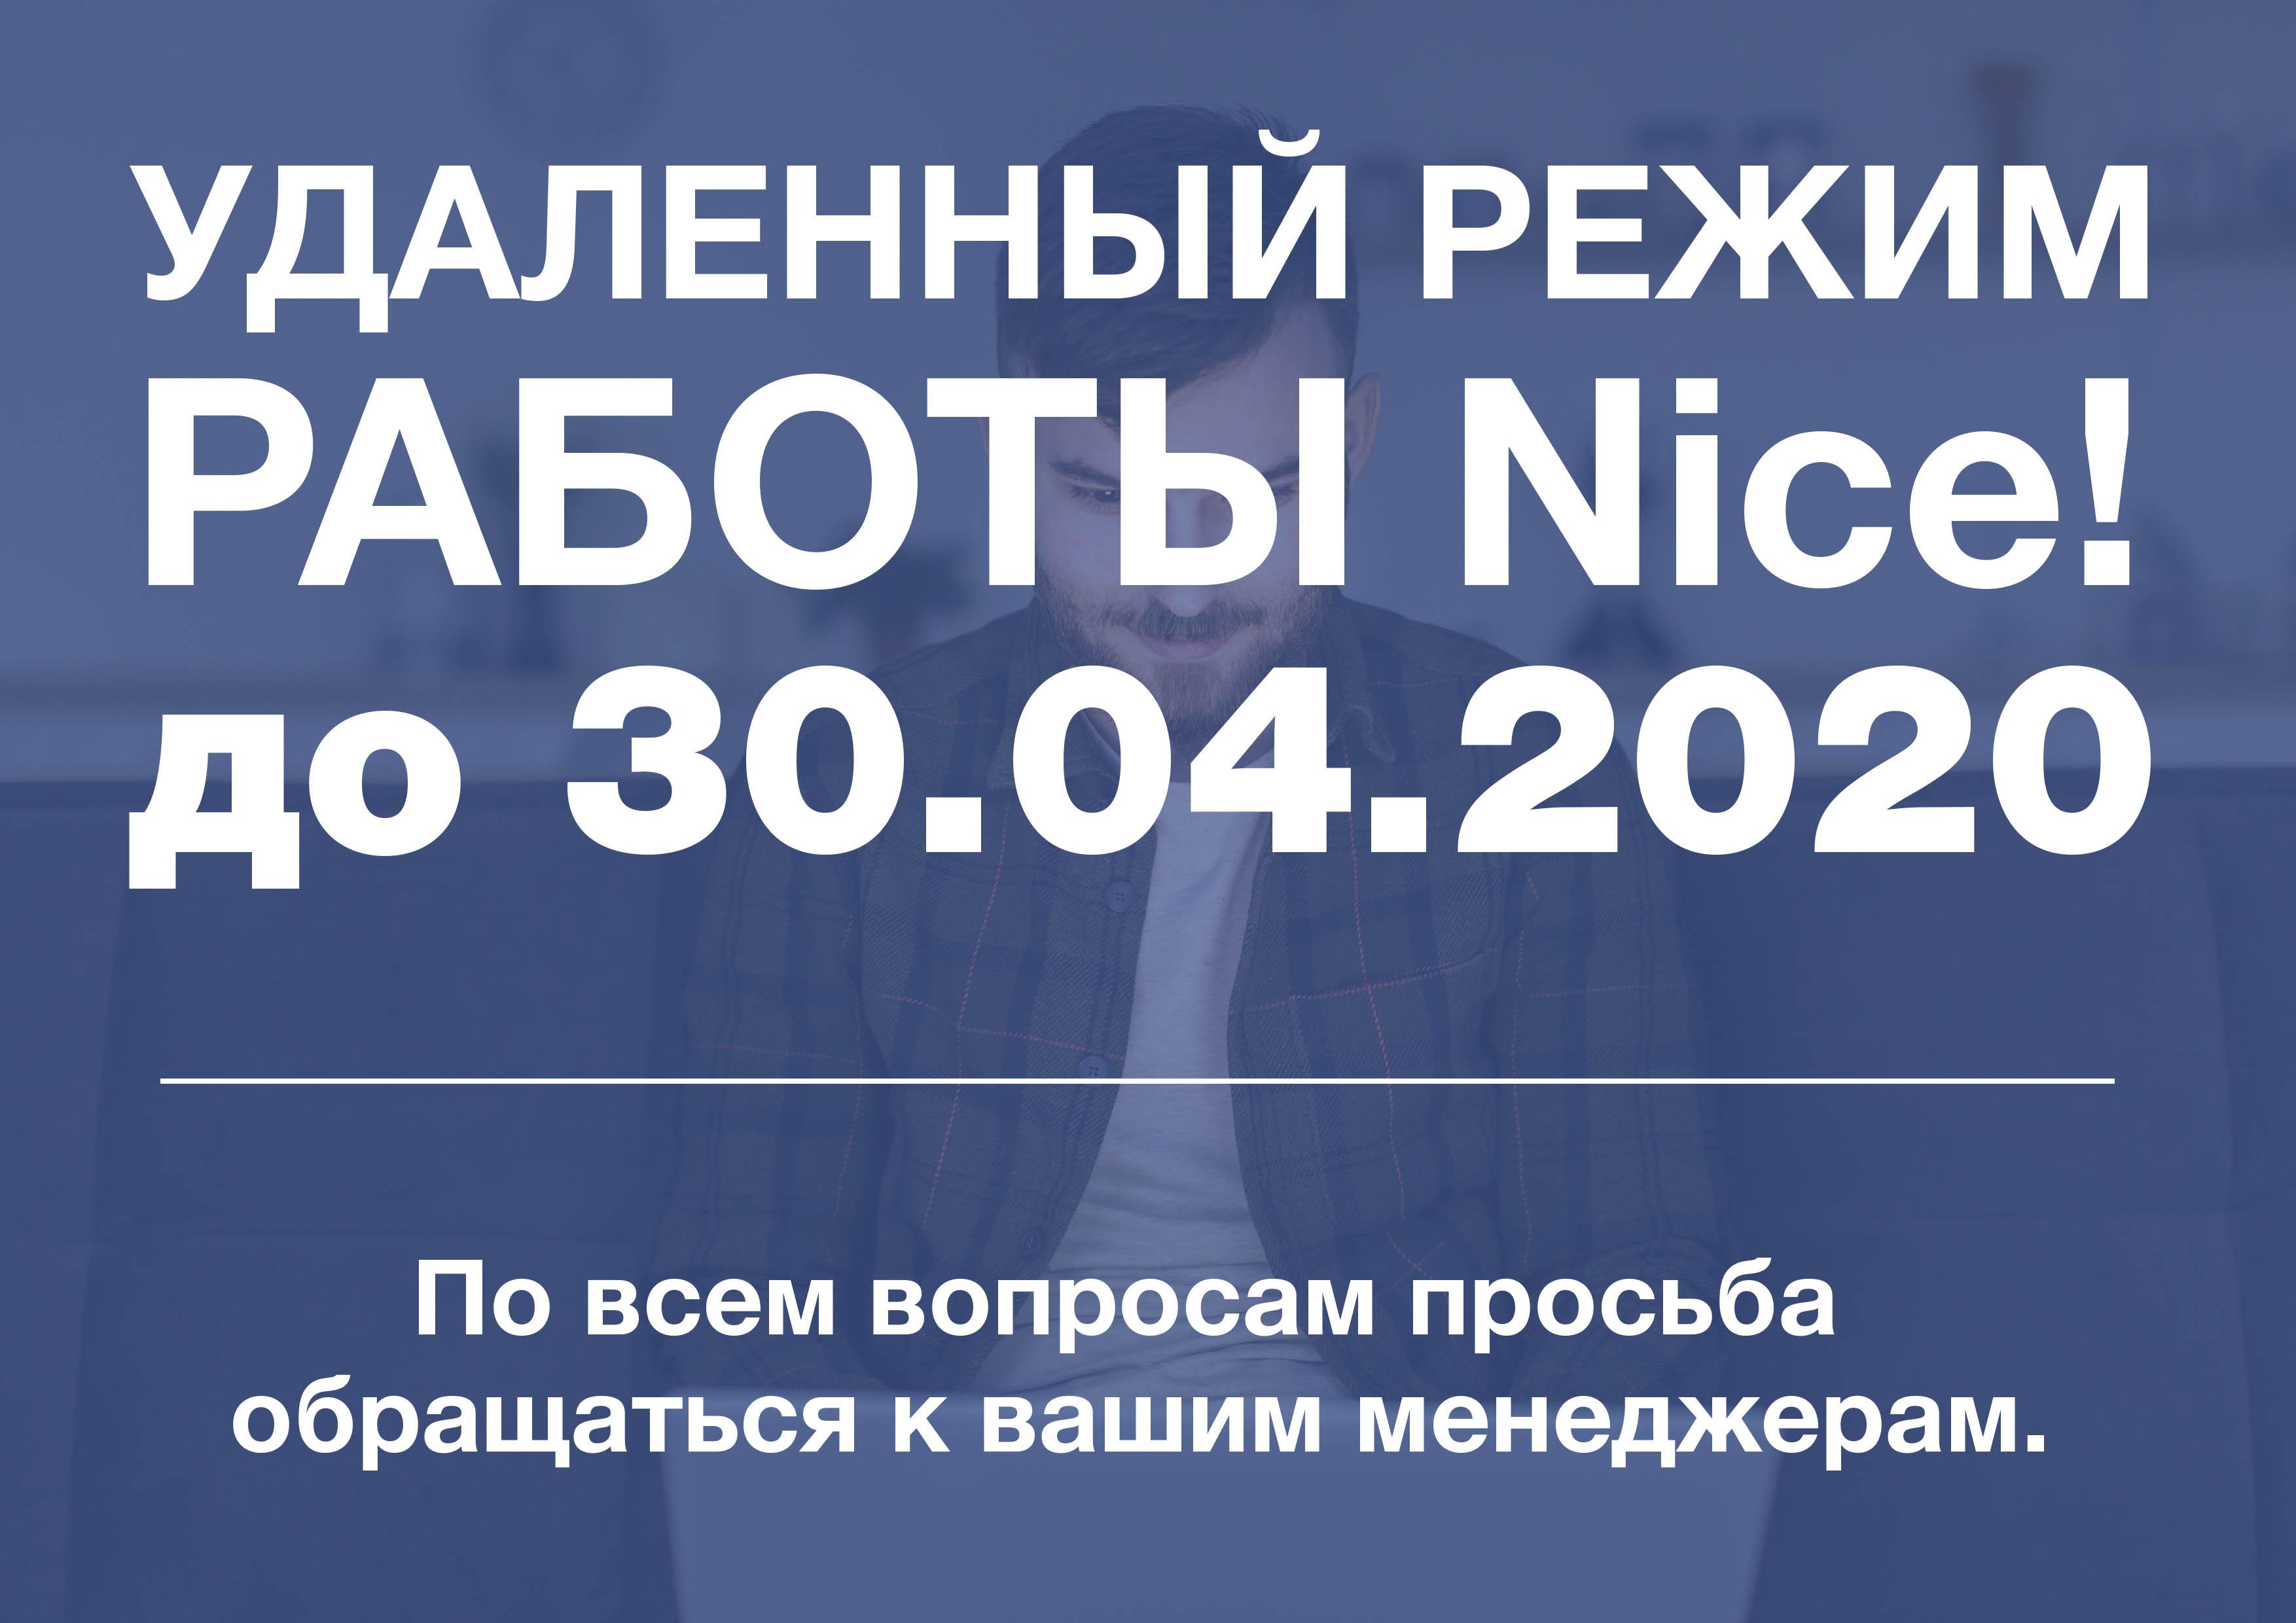 ВНИМАНИЕ!!! Важная информация!!! Удаленный режим работы всех подразделений Nice до 30.04.2020 года!!!